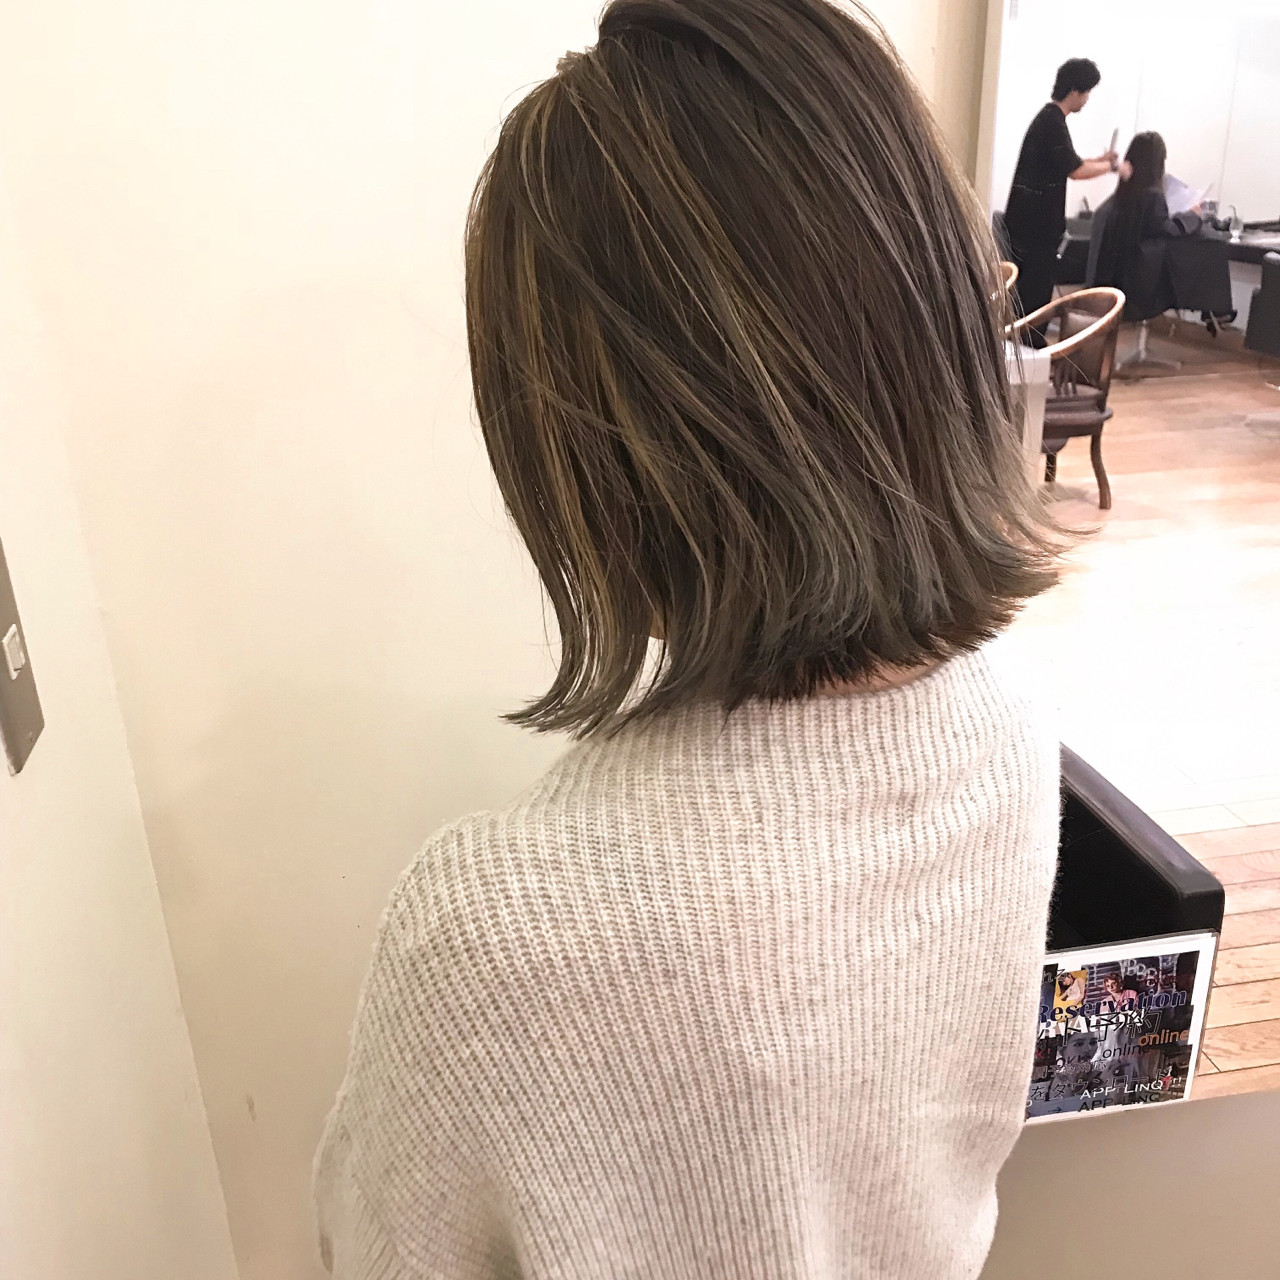 ナチュラル ブリーチ 外国人風 透明感 ヘアスタイルや髪型の写真・画像